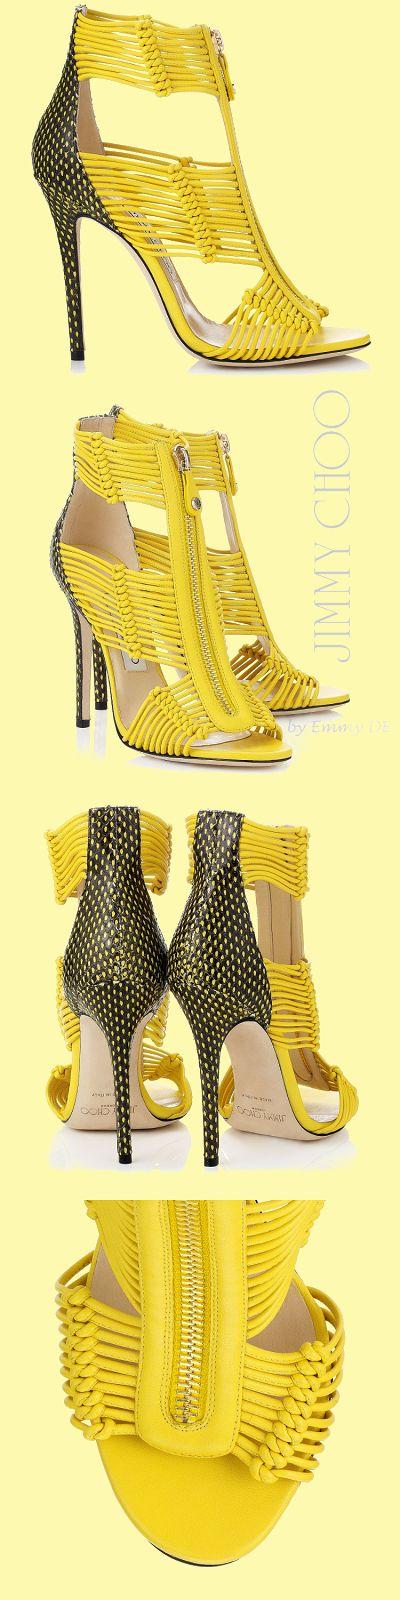 Brilliant Luxury by Emmy DE * Jimmy Choo 'Kattie' http://fave.co/2ezaB0T